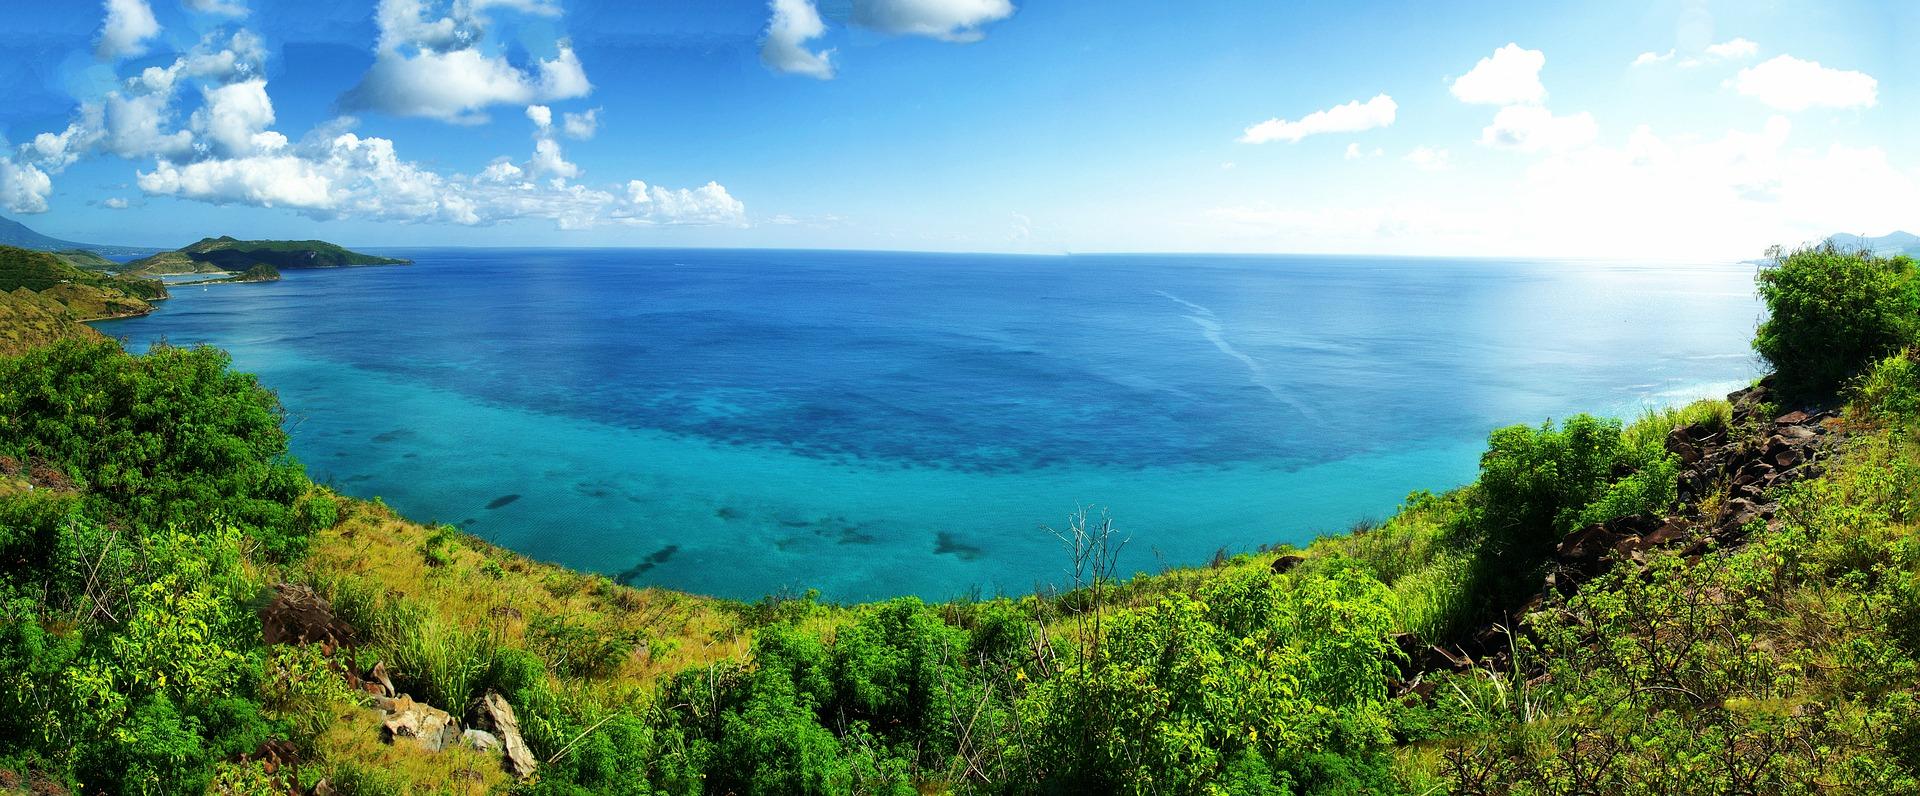 St. Kitts - .